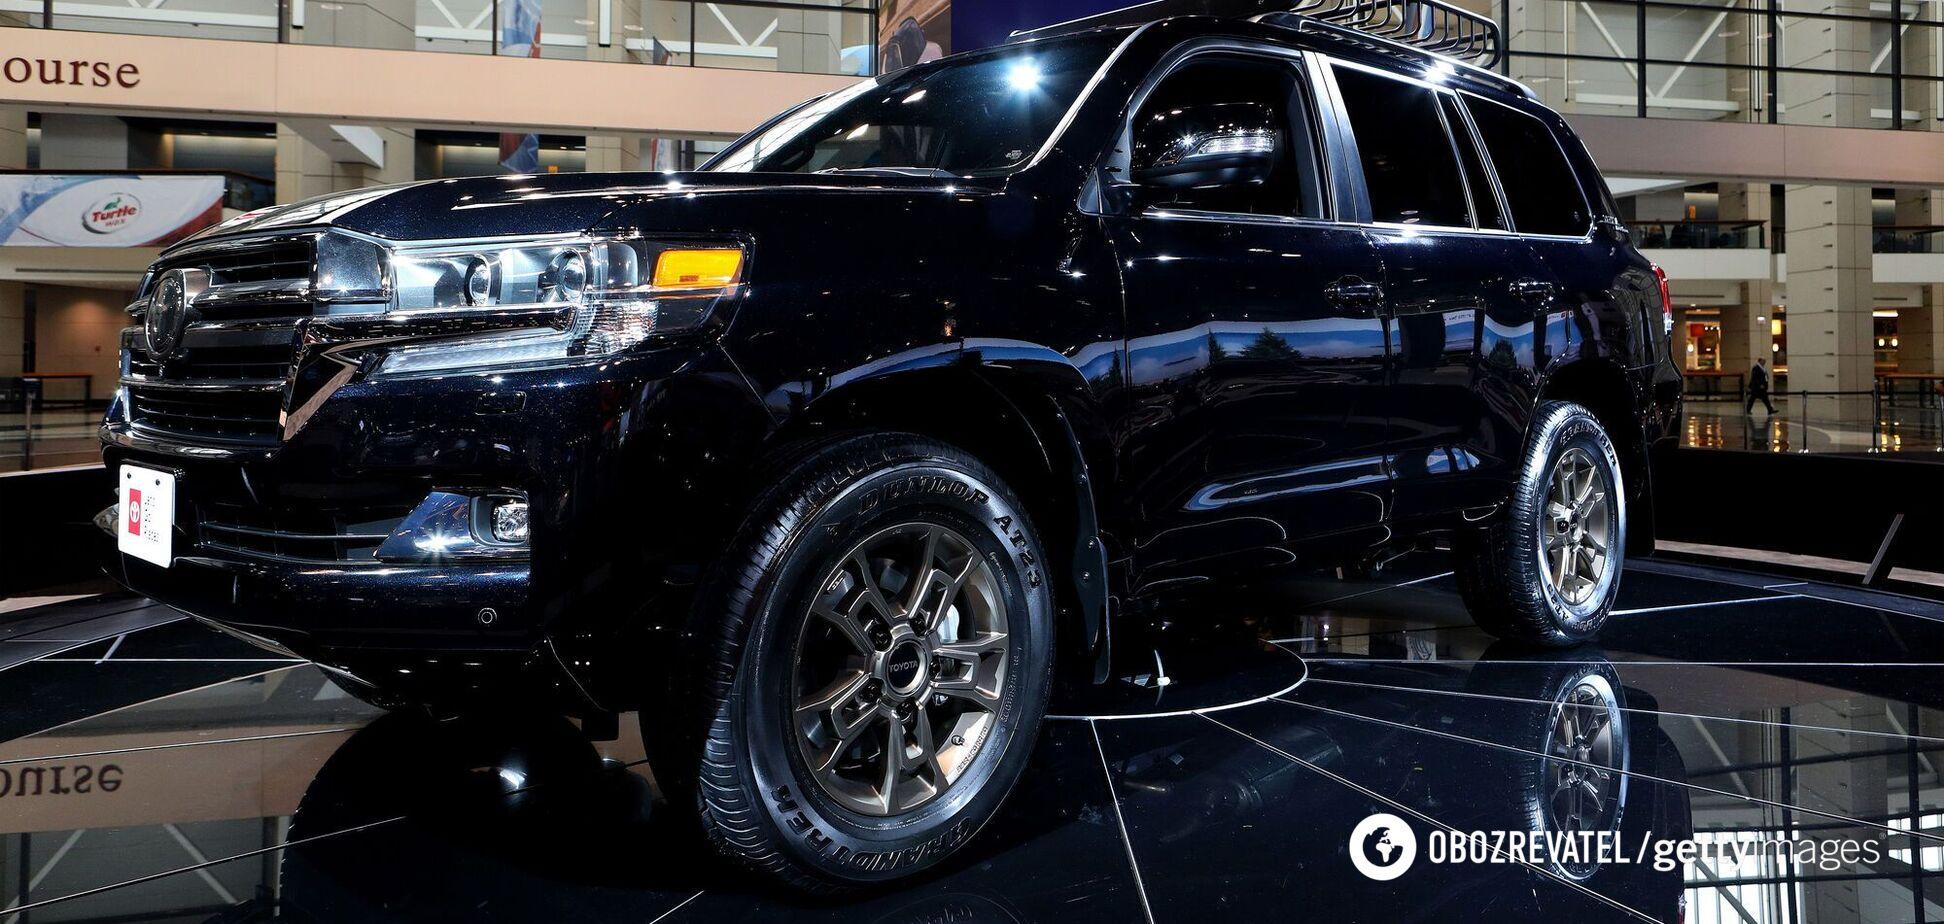 Рада замовила Toyota Camry на 12 млн грн: топ найдорожчих закупівель авто в Україні